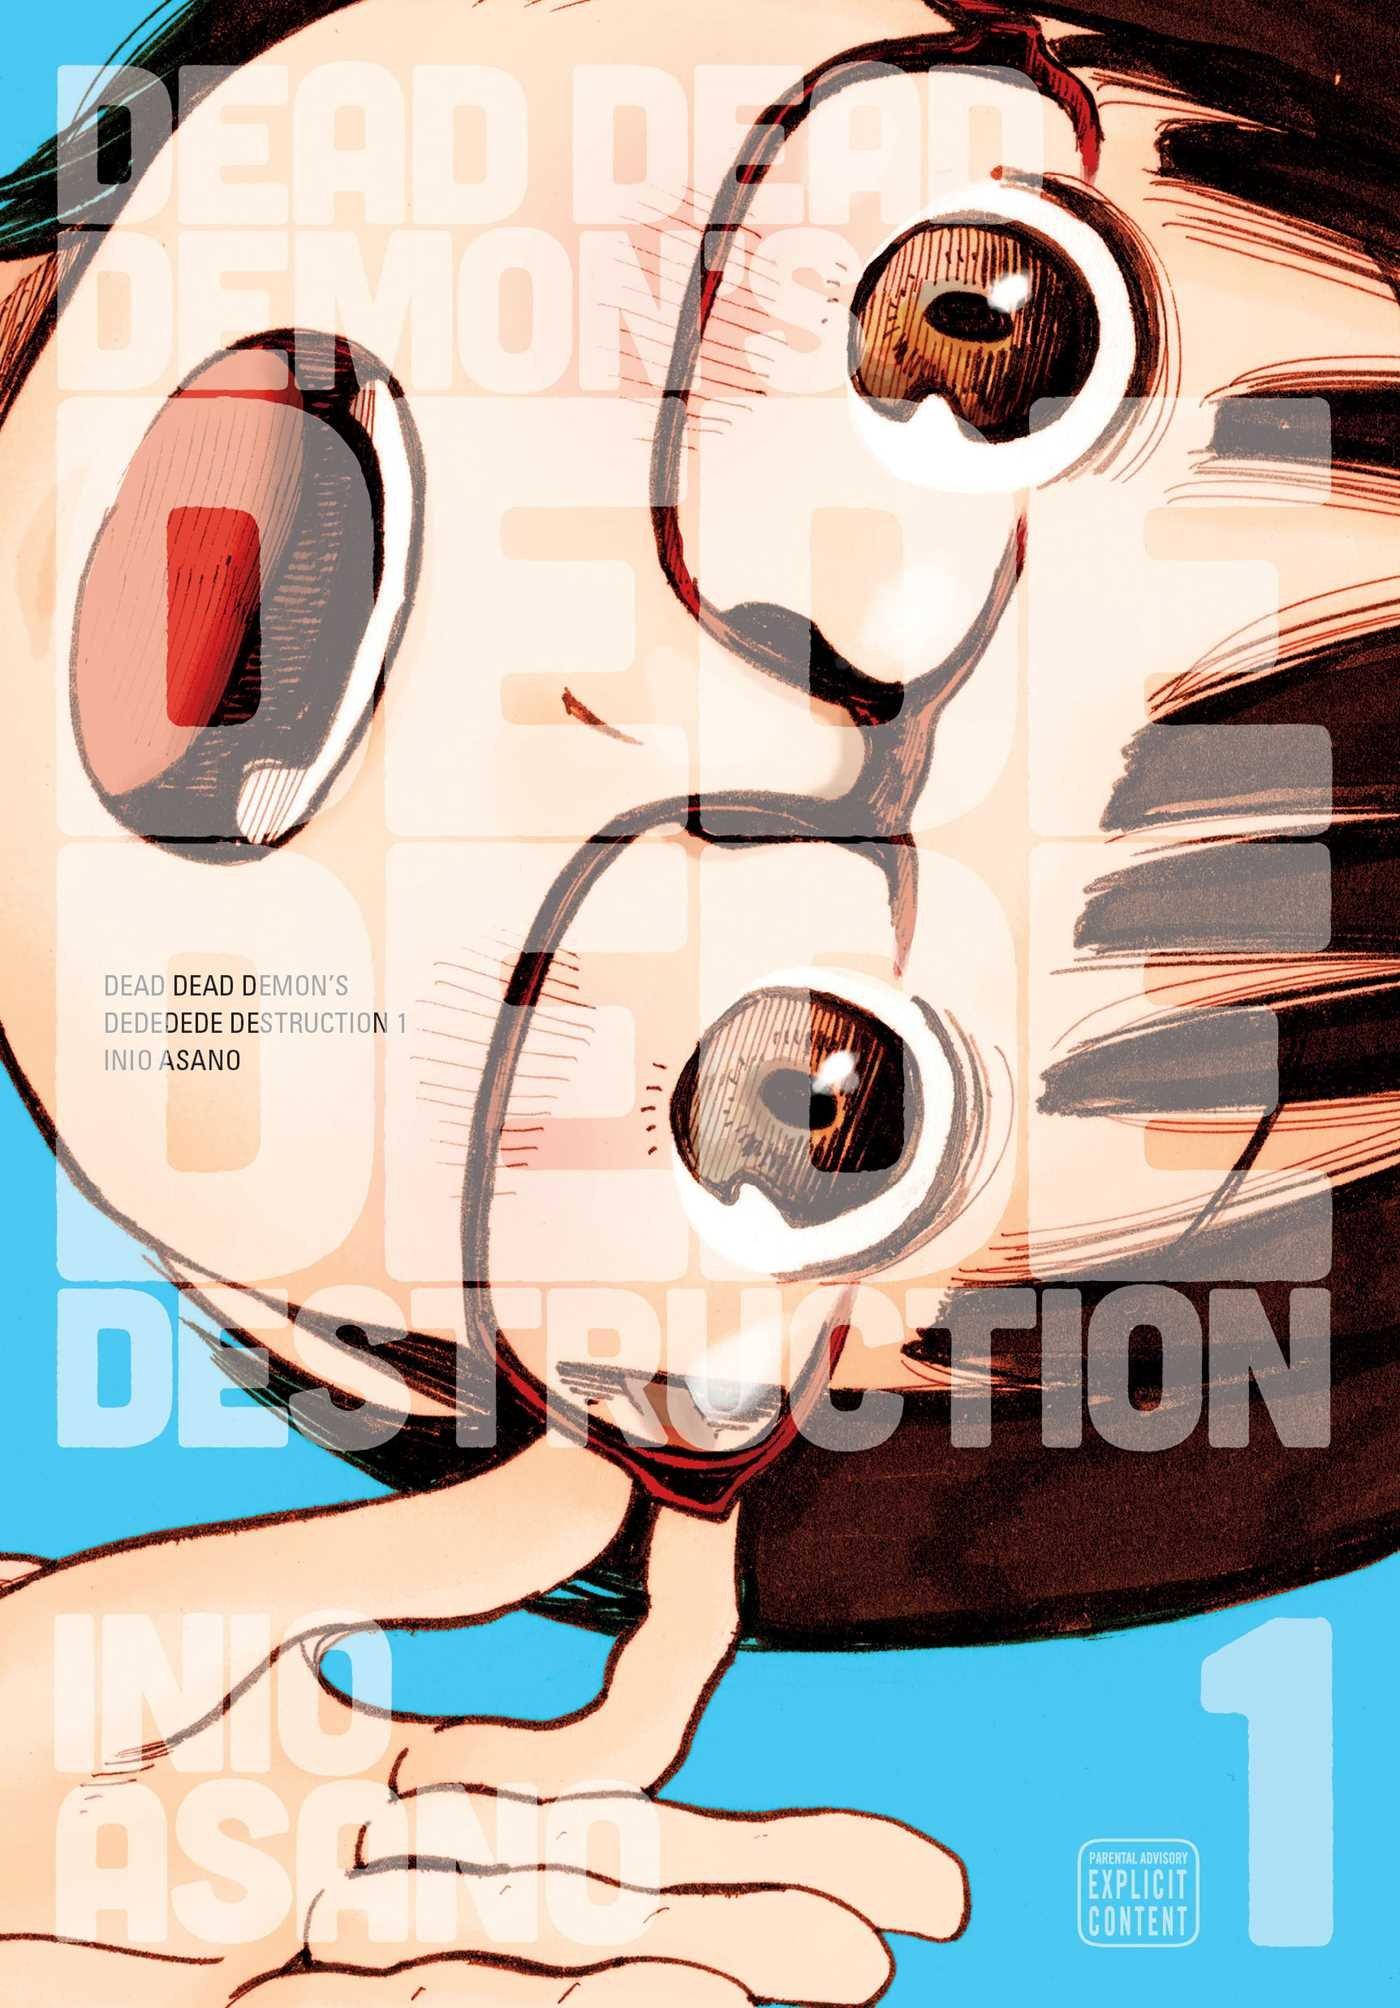 Daftar Pemenang Shogakukan Manga Award Kategori Umum Tahun 2011-2020 5